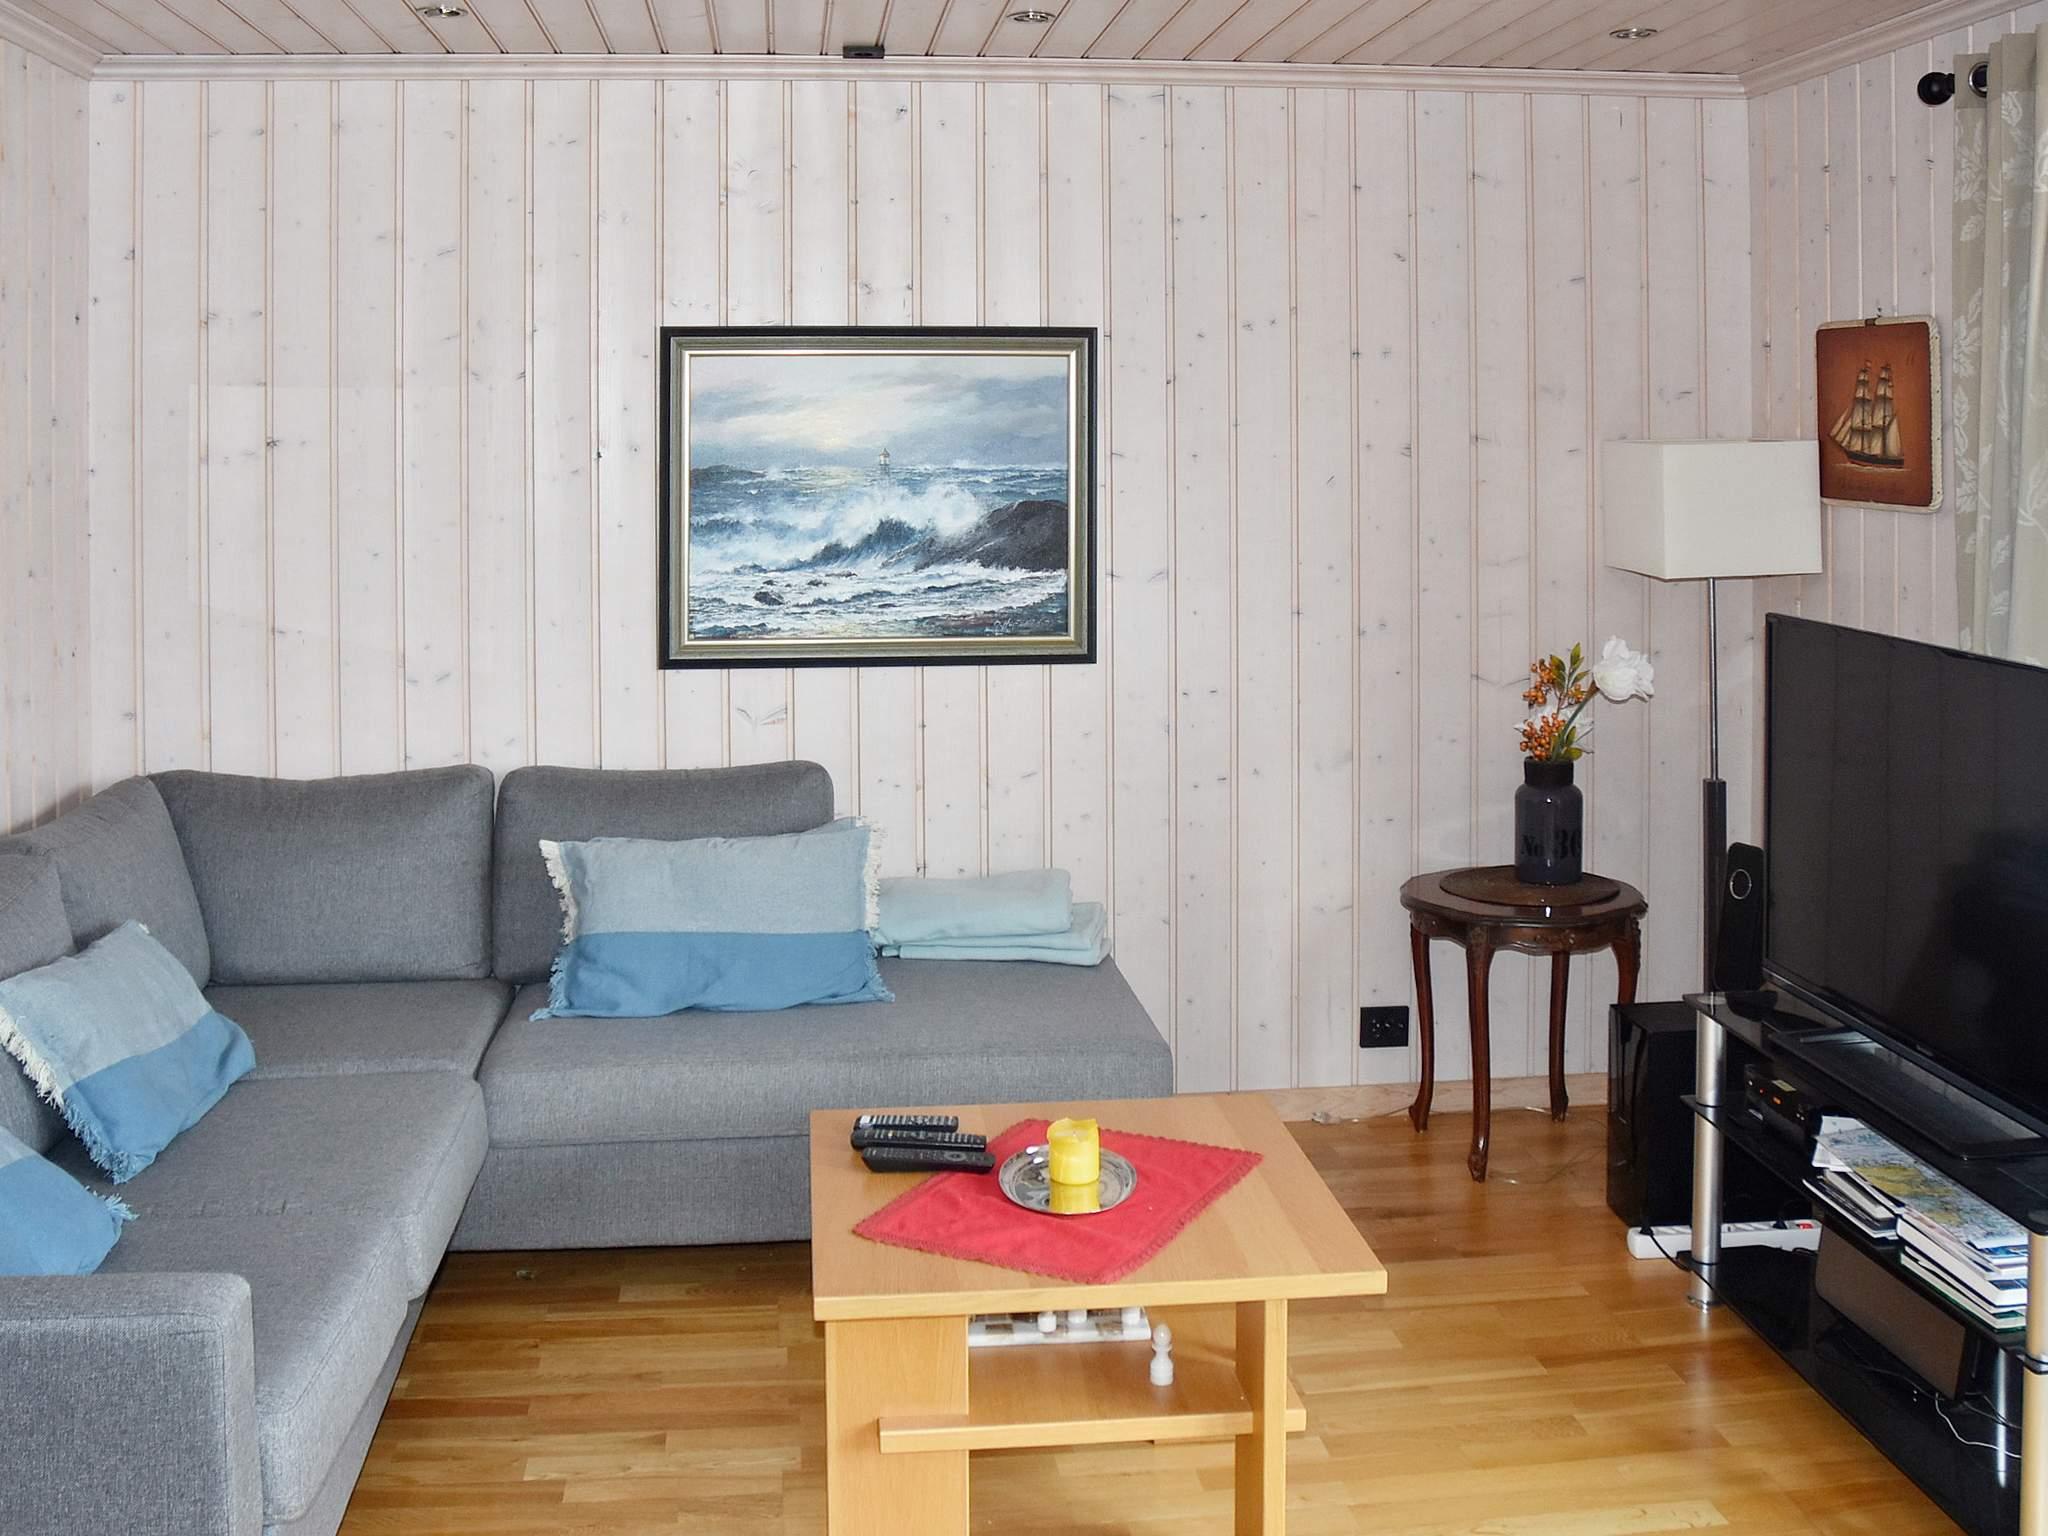 Ferienhaus Haugsbygda (252734), Haugsbygda, More - Romsdal, Westnorwegen, Norwegen, Bild 2